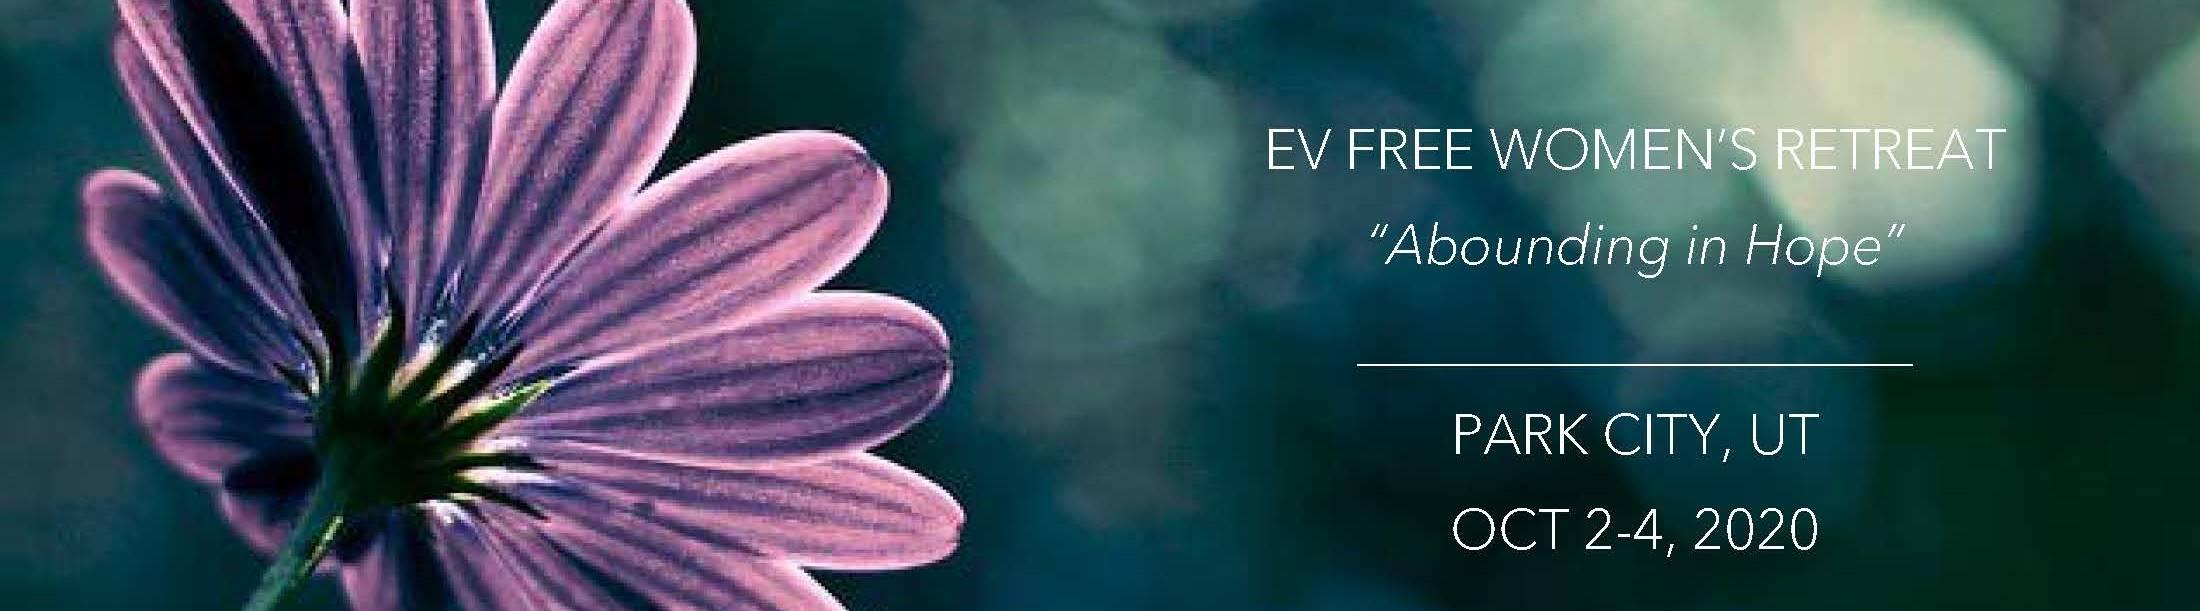 EV Free Women's Retreat